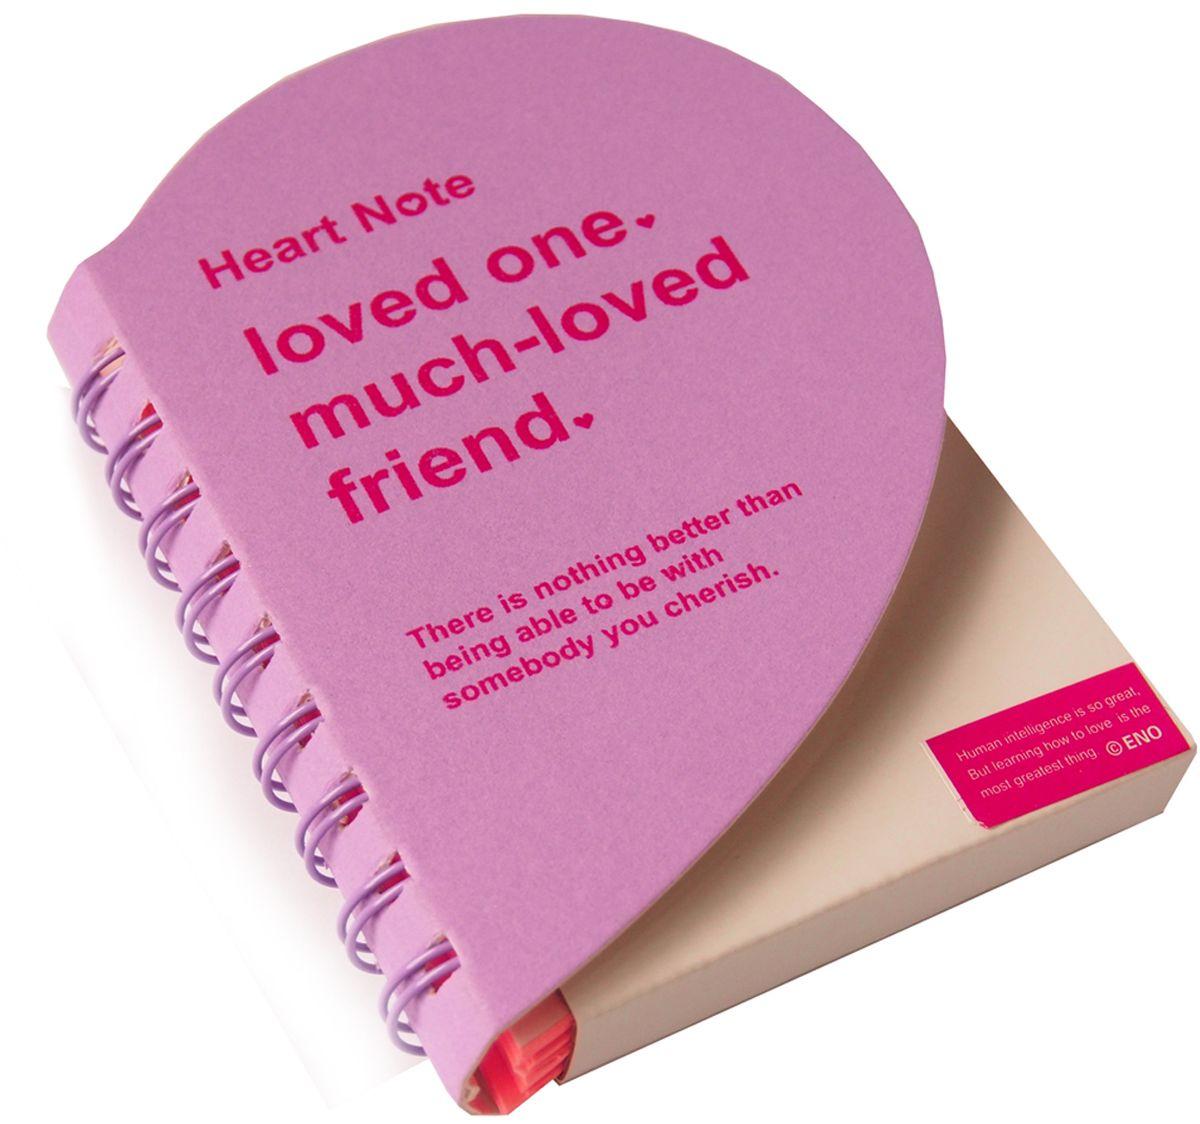 Карамба Блокнот Сердце 136 листов цвет сиреневый2899Очень красивый и удобный блокнот Карамба выполнен в виде сердца с цветными нелинованными страницами. Блокнот на спирали имеет 136 листов.